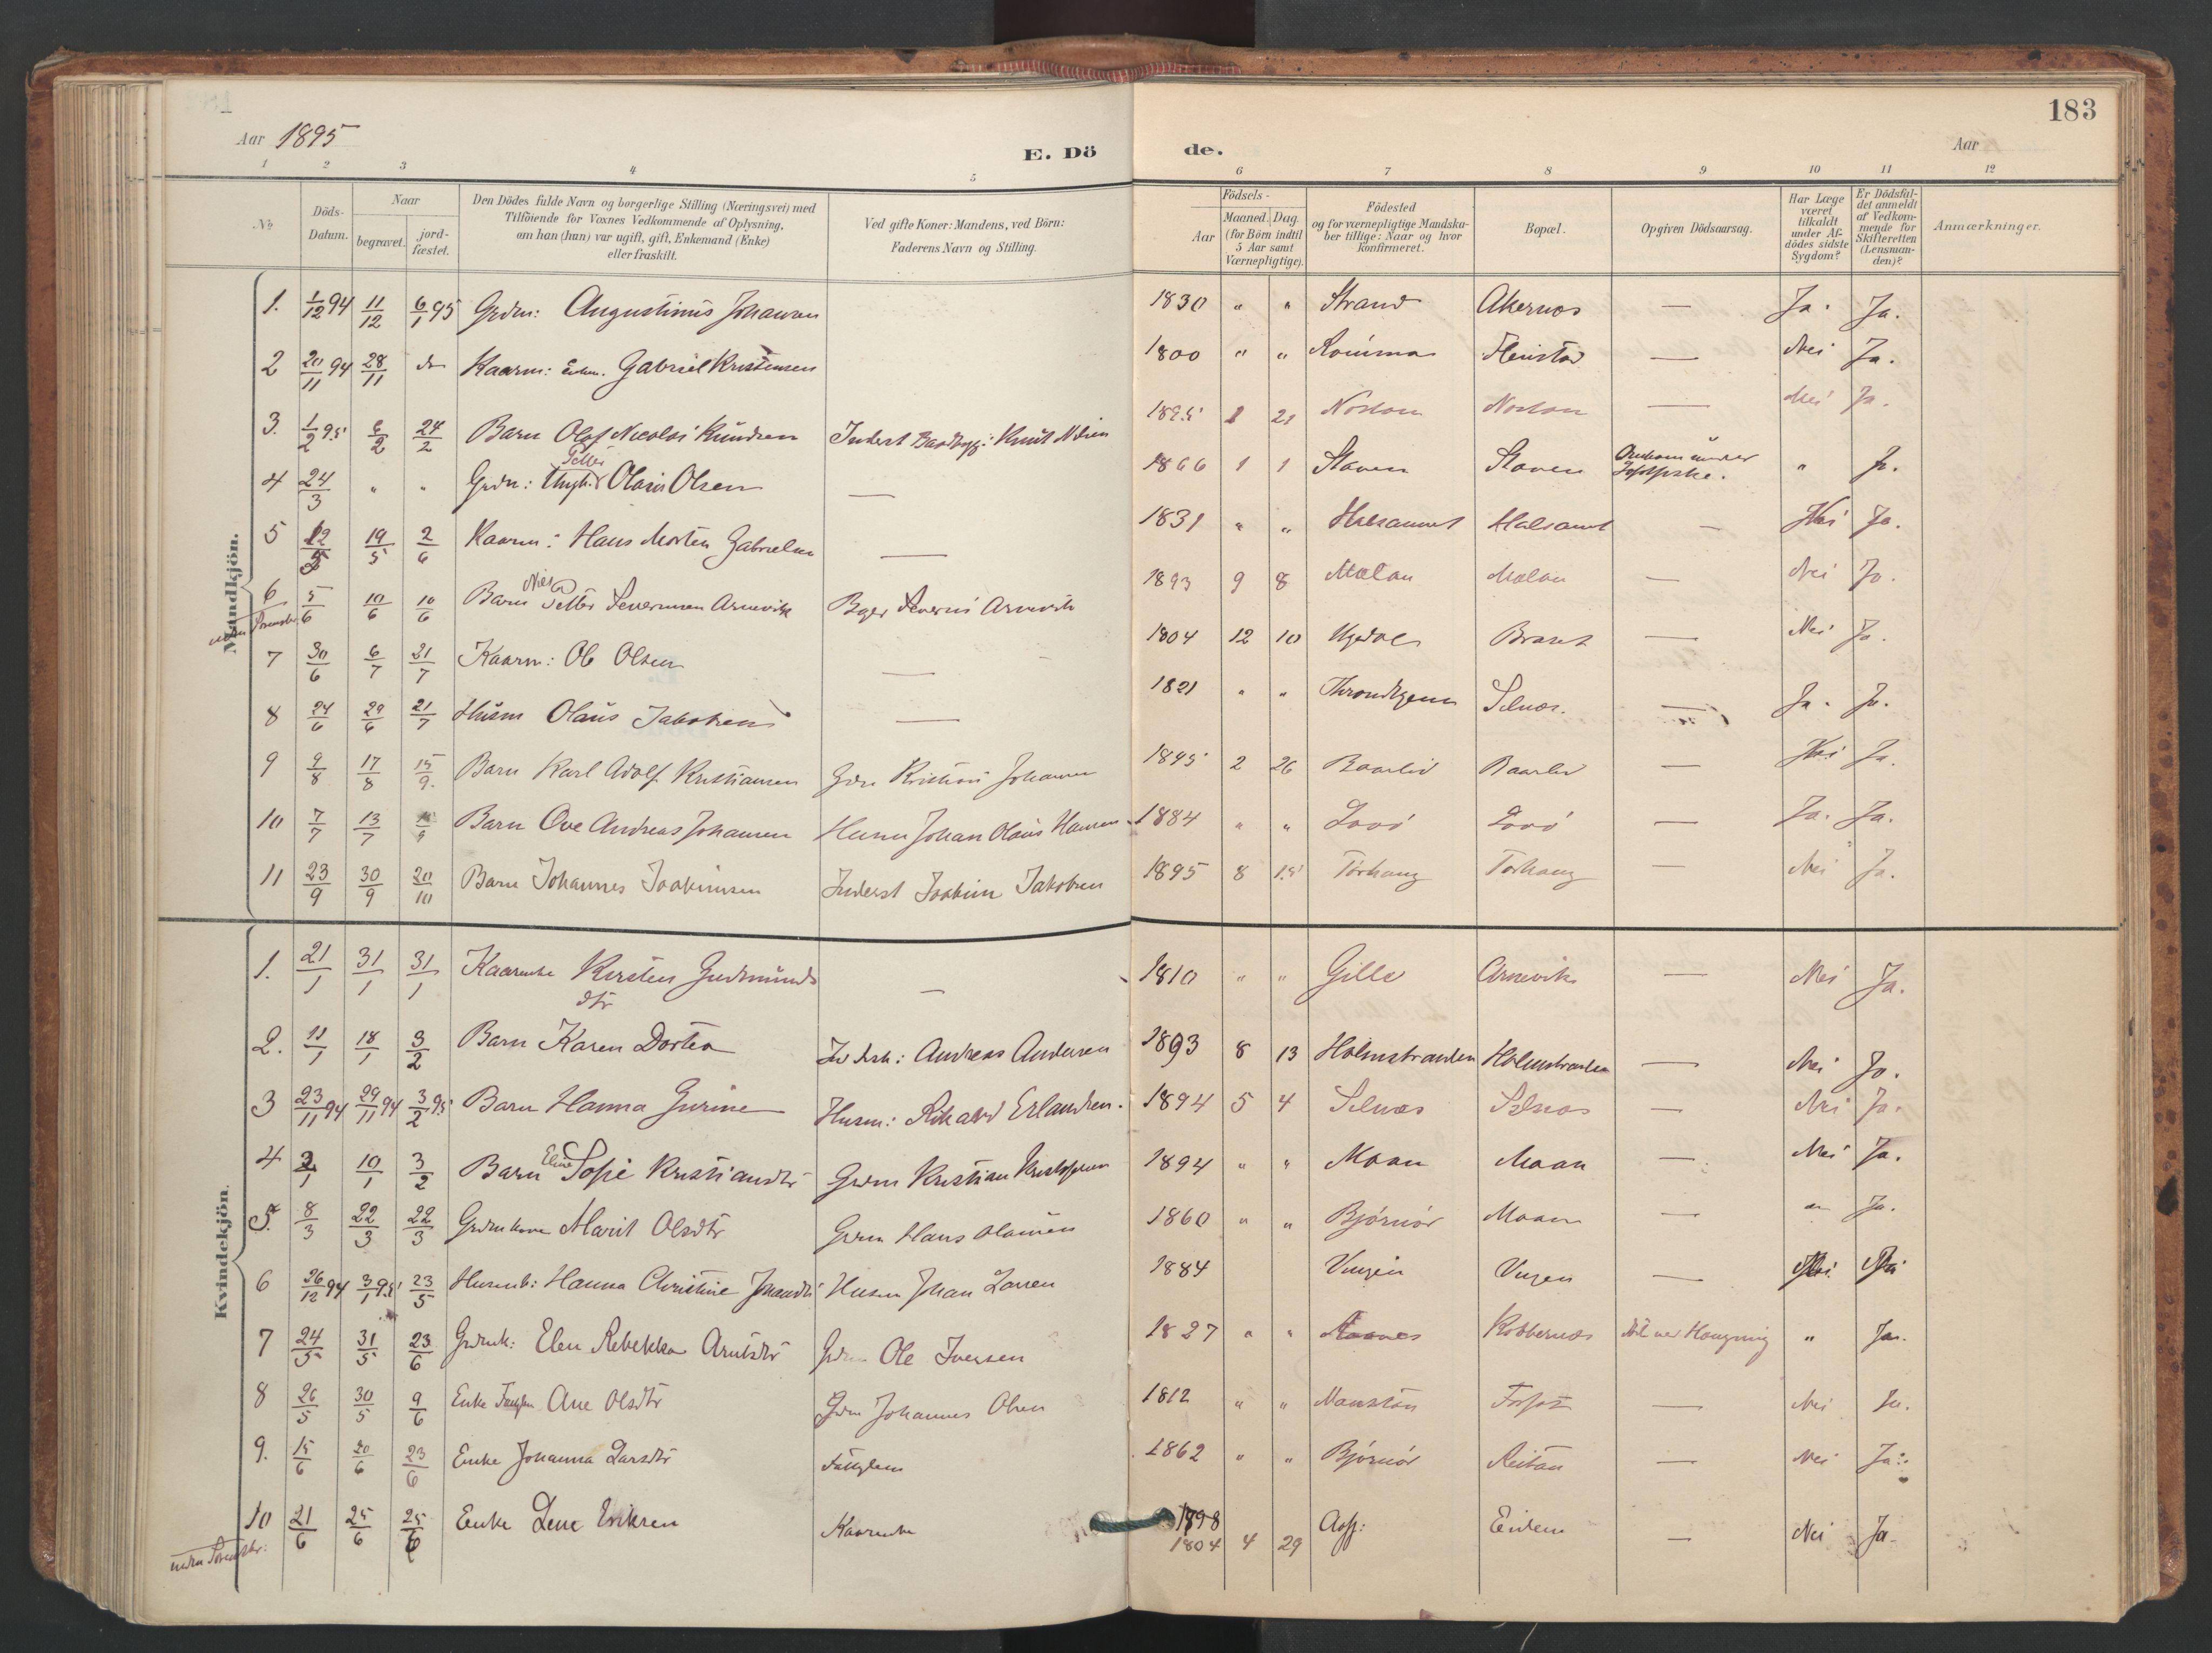 SAT, Ministerialprotokoller, klokkerbøker og fødselsregistre - Sør-Trøndelag, 655/L0681: Ministerialbok nr. 655A10, 1895-1907, s. 183